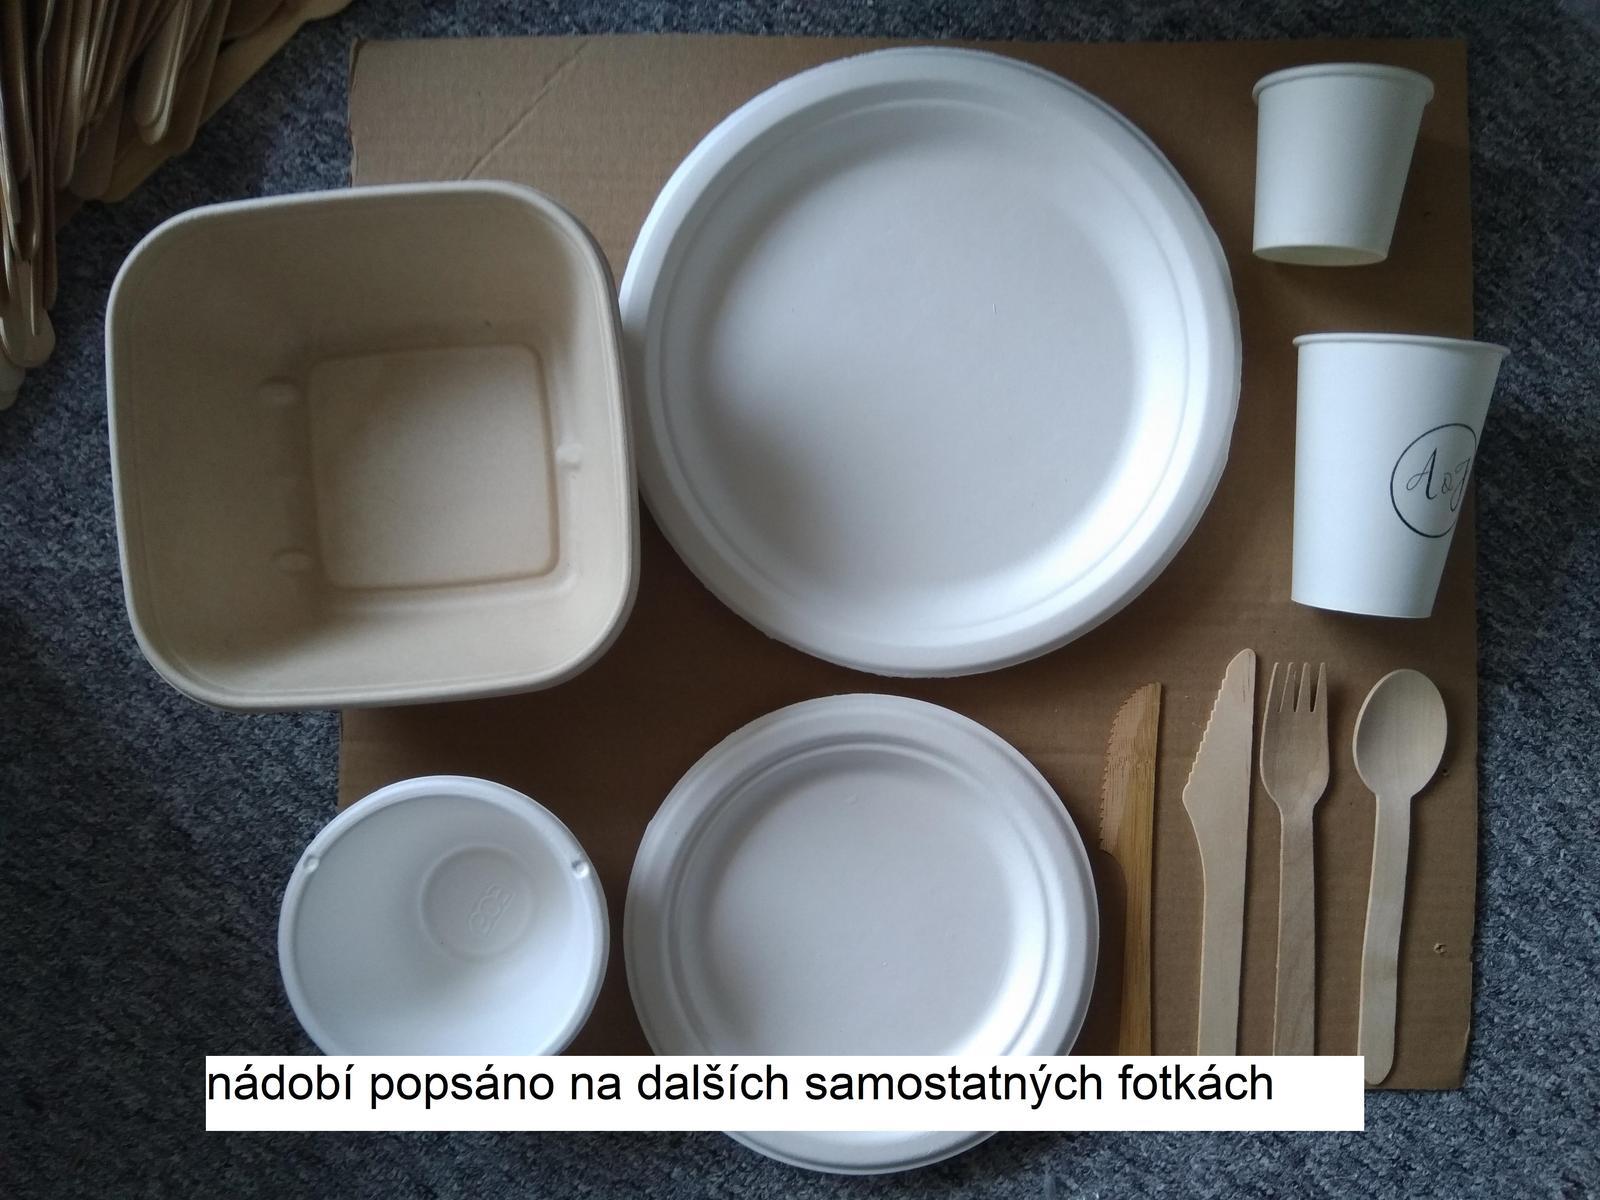 Papírové a dřevěné nádobí - Obrázek č. 1